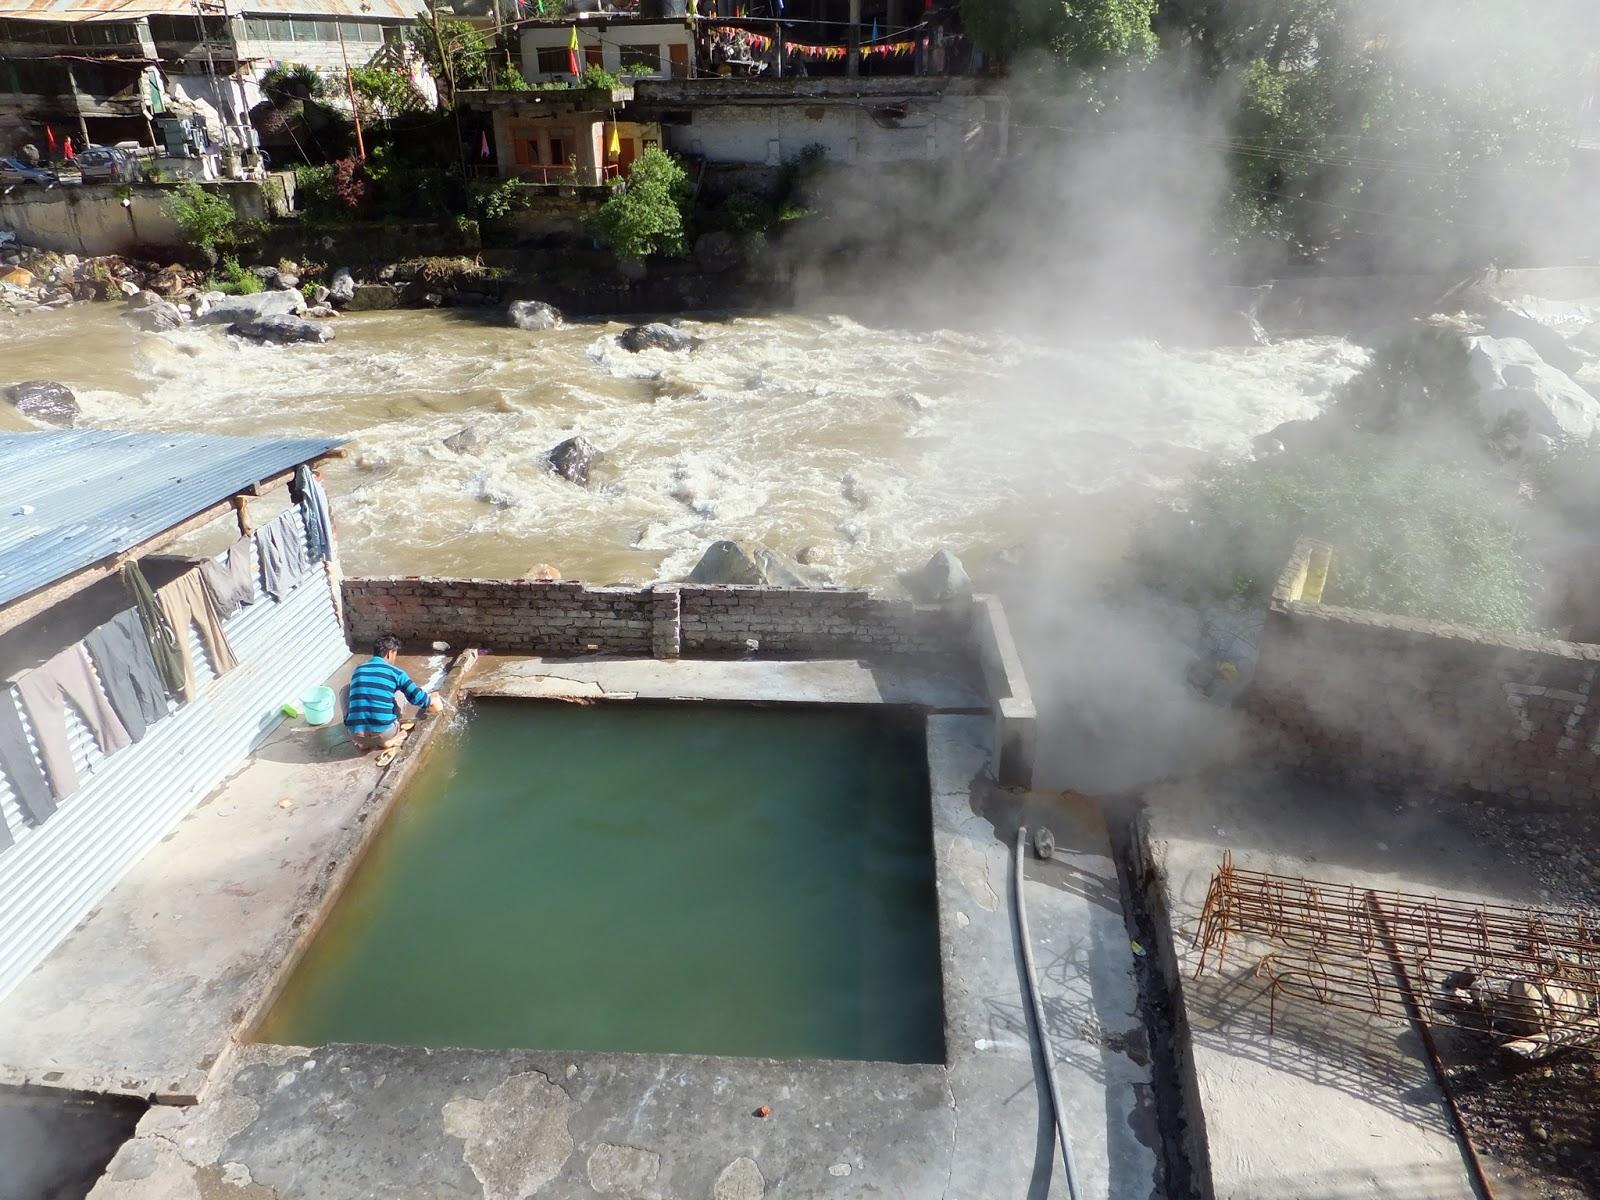 горячая ванна в Маникаране у реки